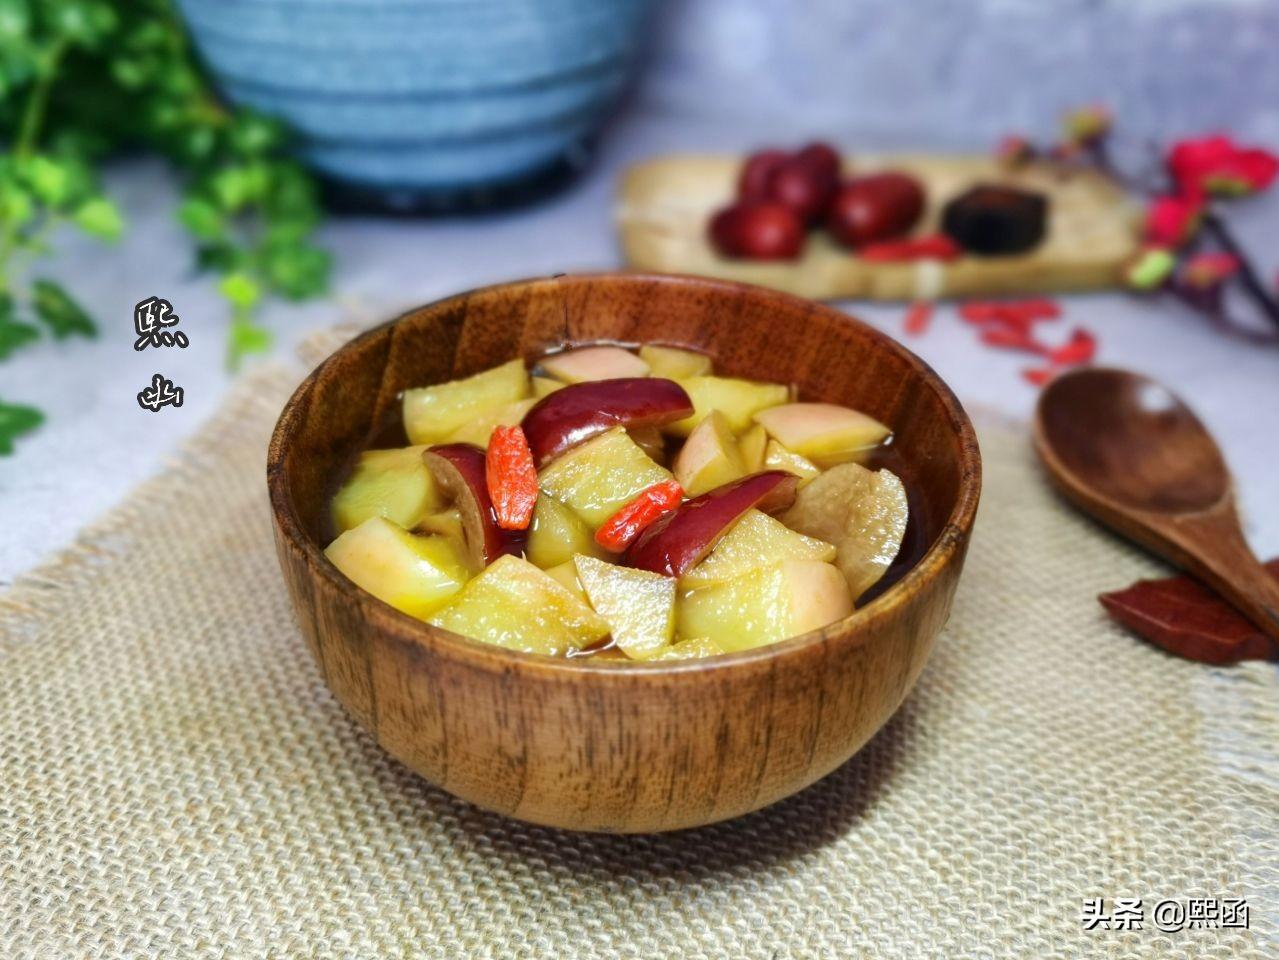 春天,把苹果和红枣一起煮,隔三差五喝几次,作用真不小 美食做法 第1张